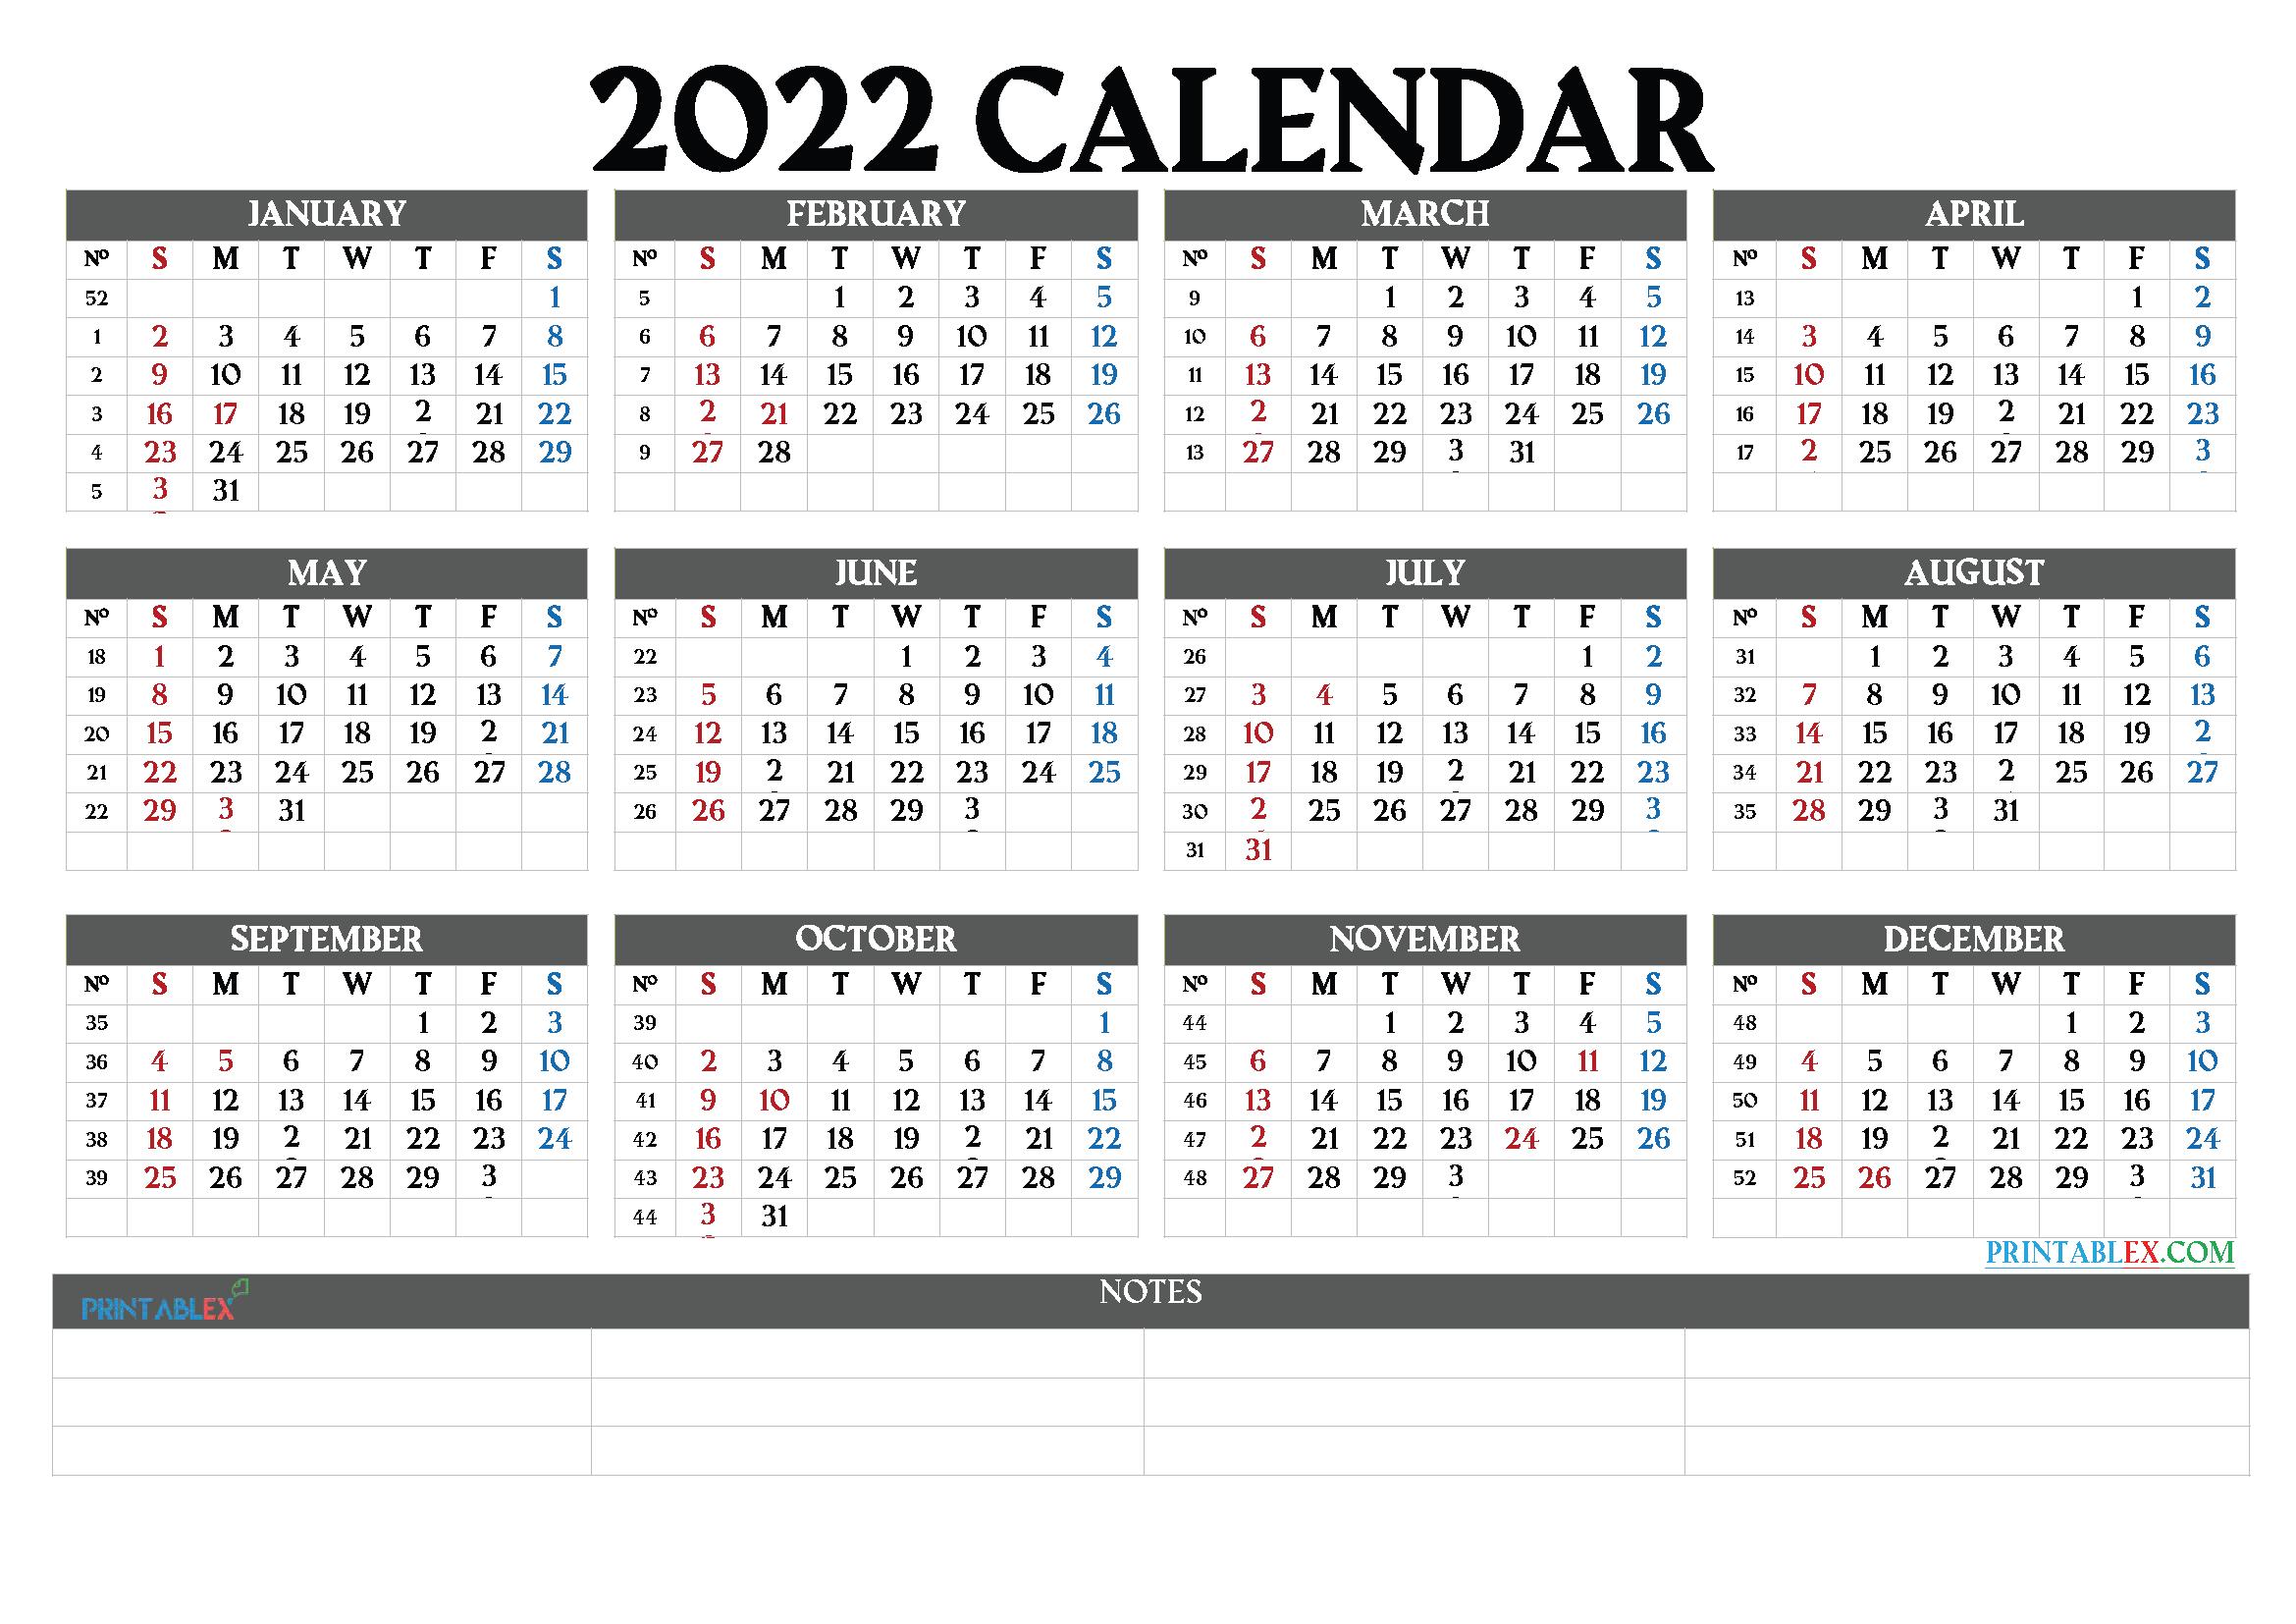 2022 Calendar with Week Numbers Printable (Font: broad)